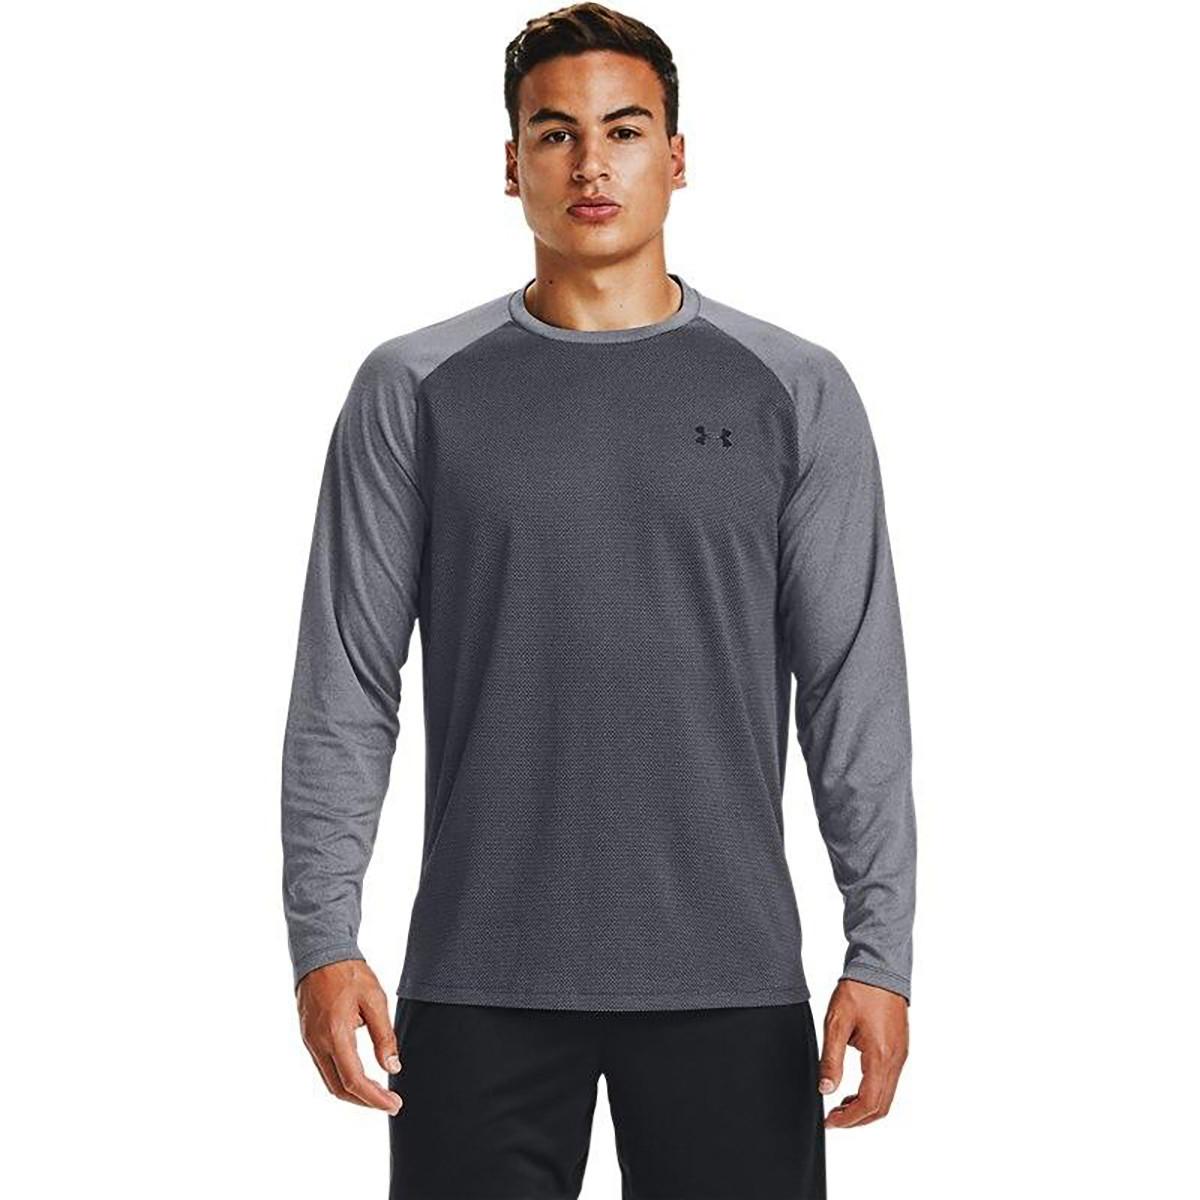 安德玛UA Textured 男子长袖保暖训练运动上衣